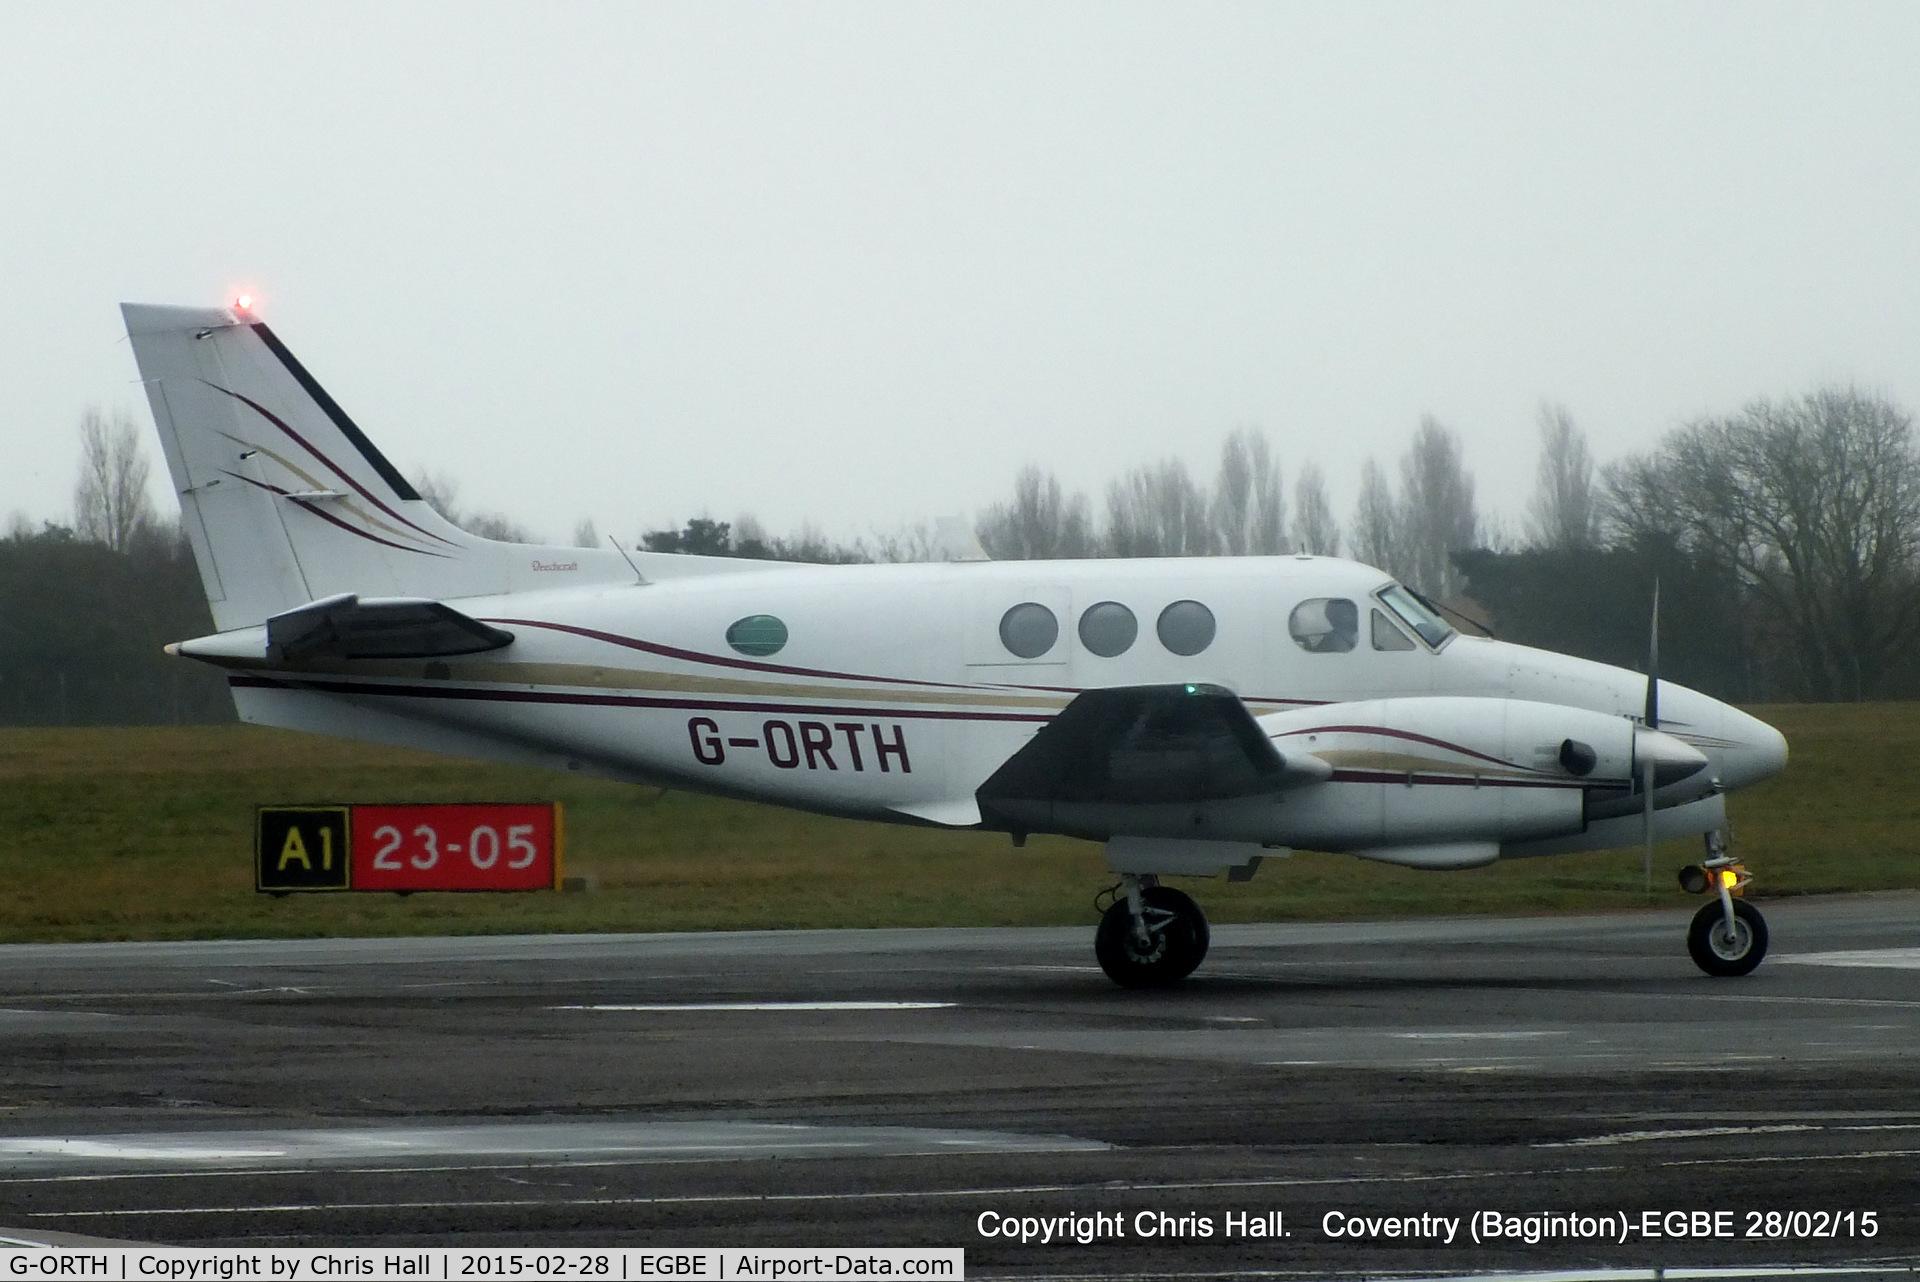 G-ORTH, 1975 Beech E90 King Air C/N LW-136, GorthAir Ltd